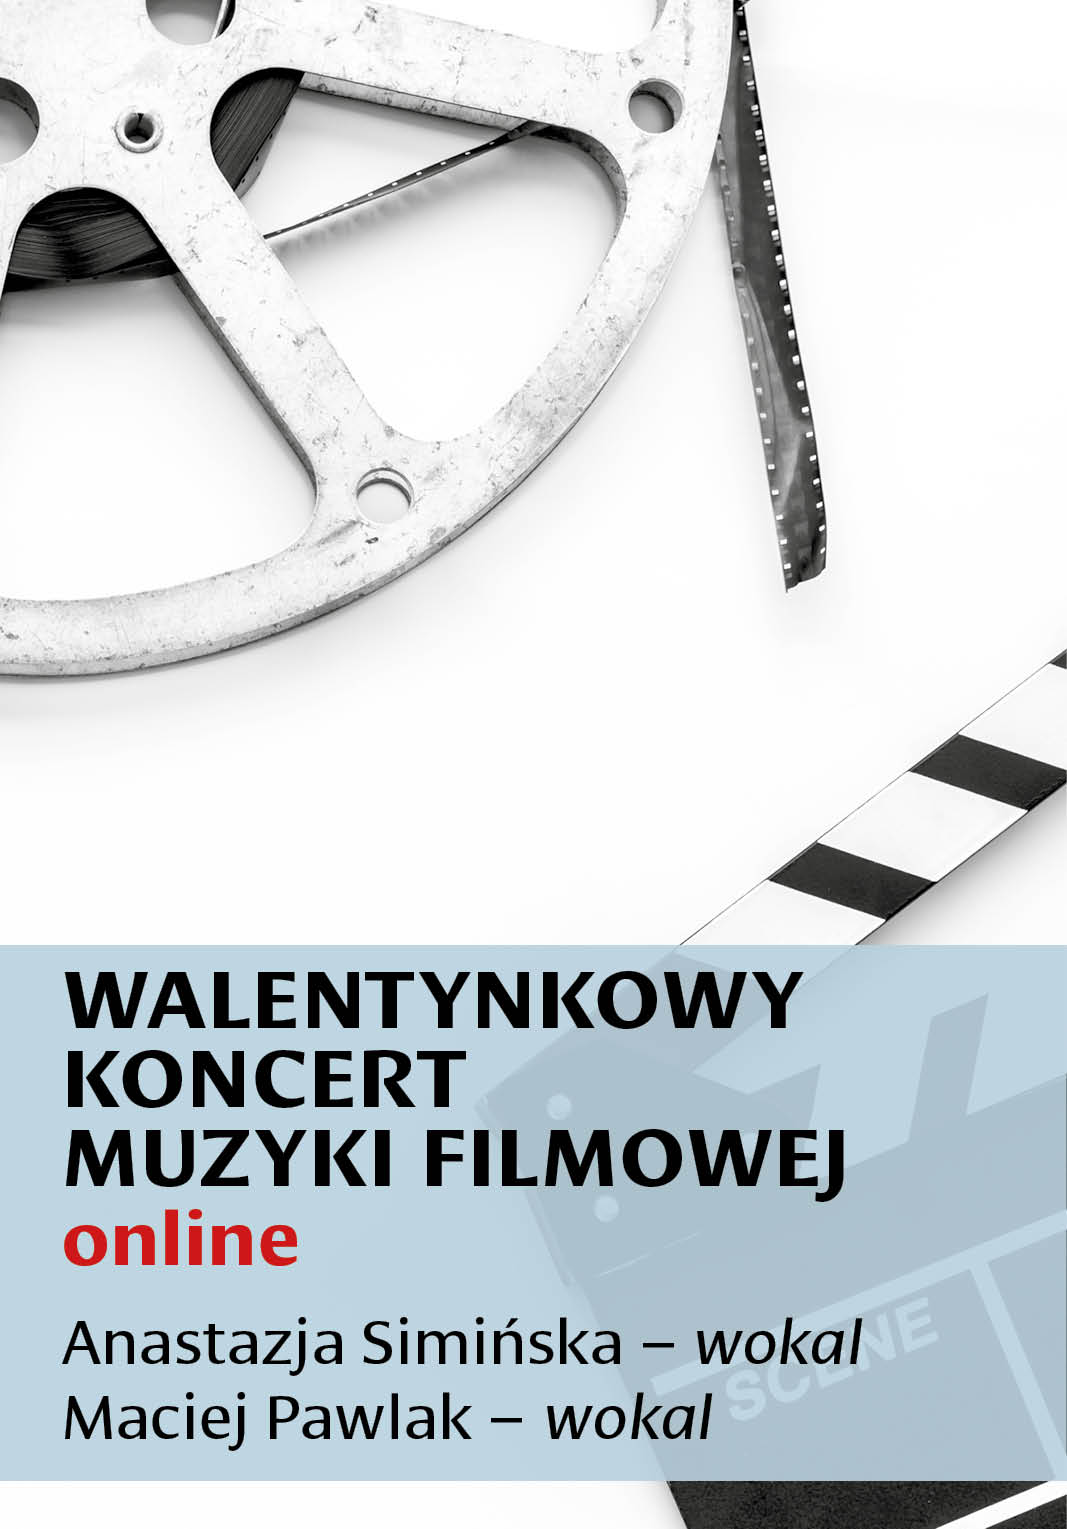 Obraz z informacją o koncercie.